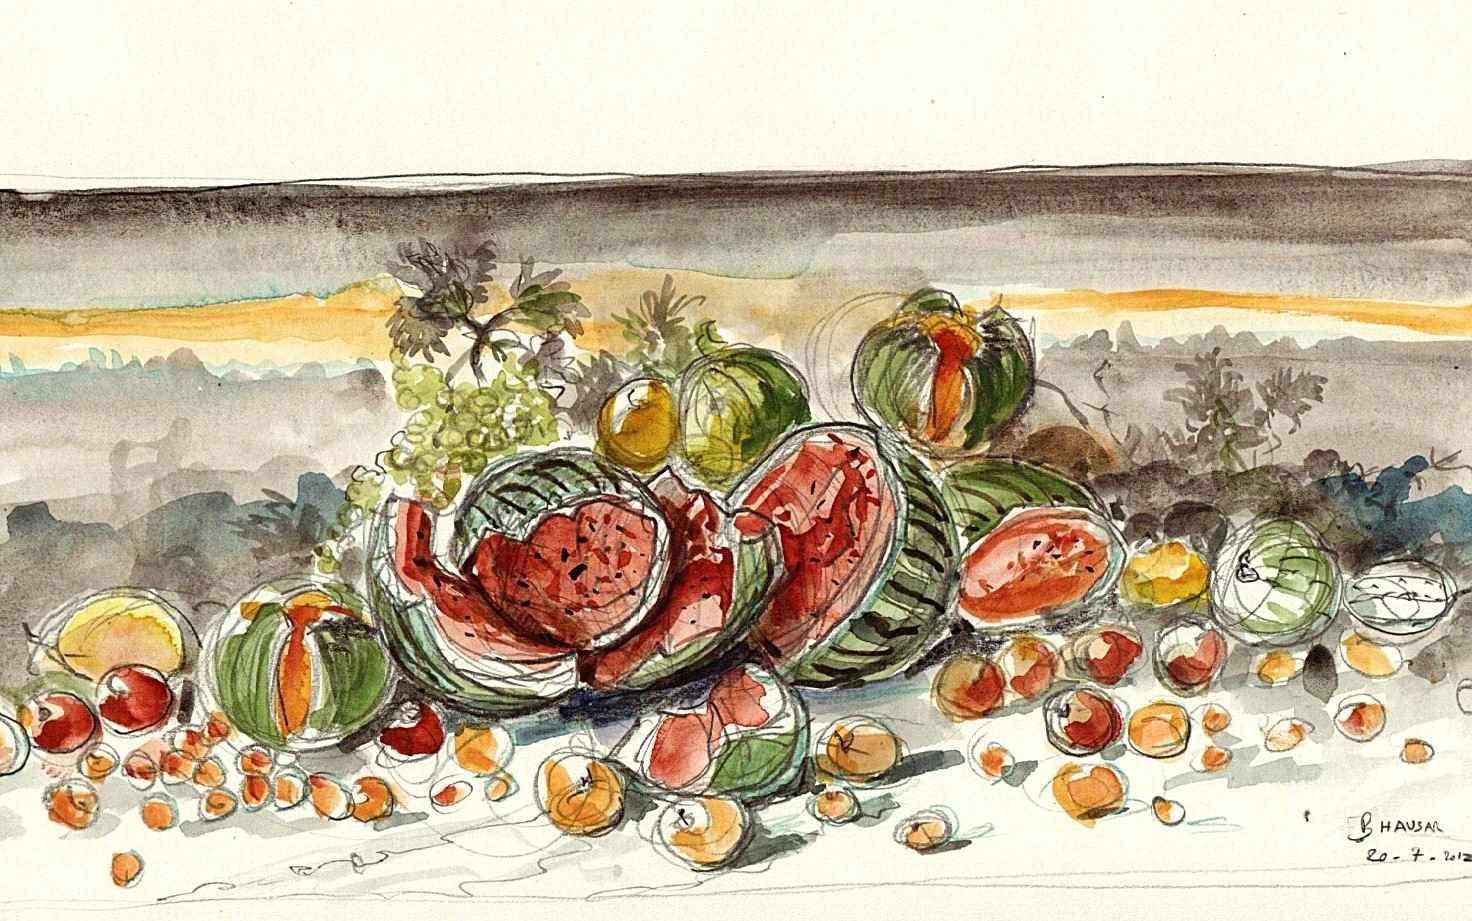 Dessin pastèques et melons éclatés 21X30 aquar-copie-1